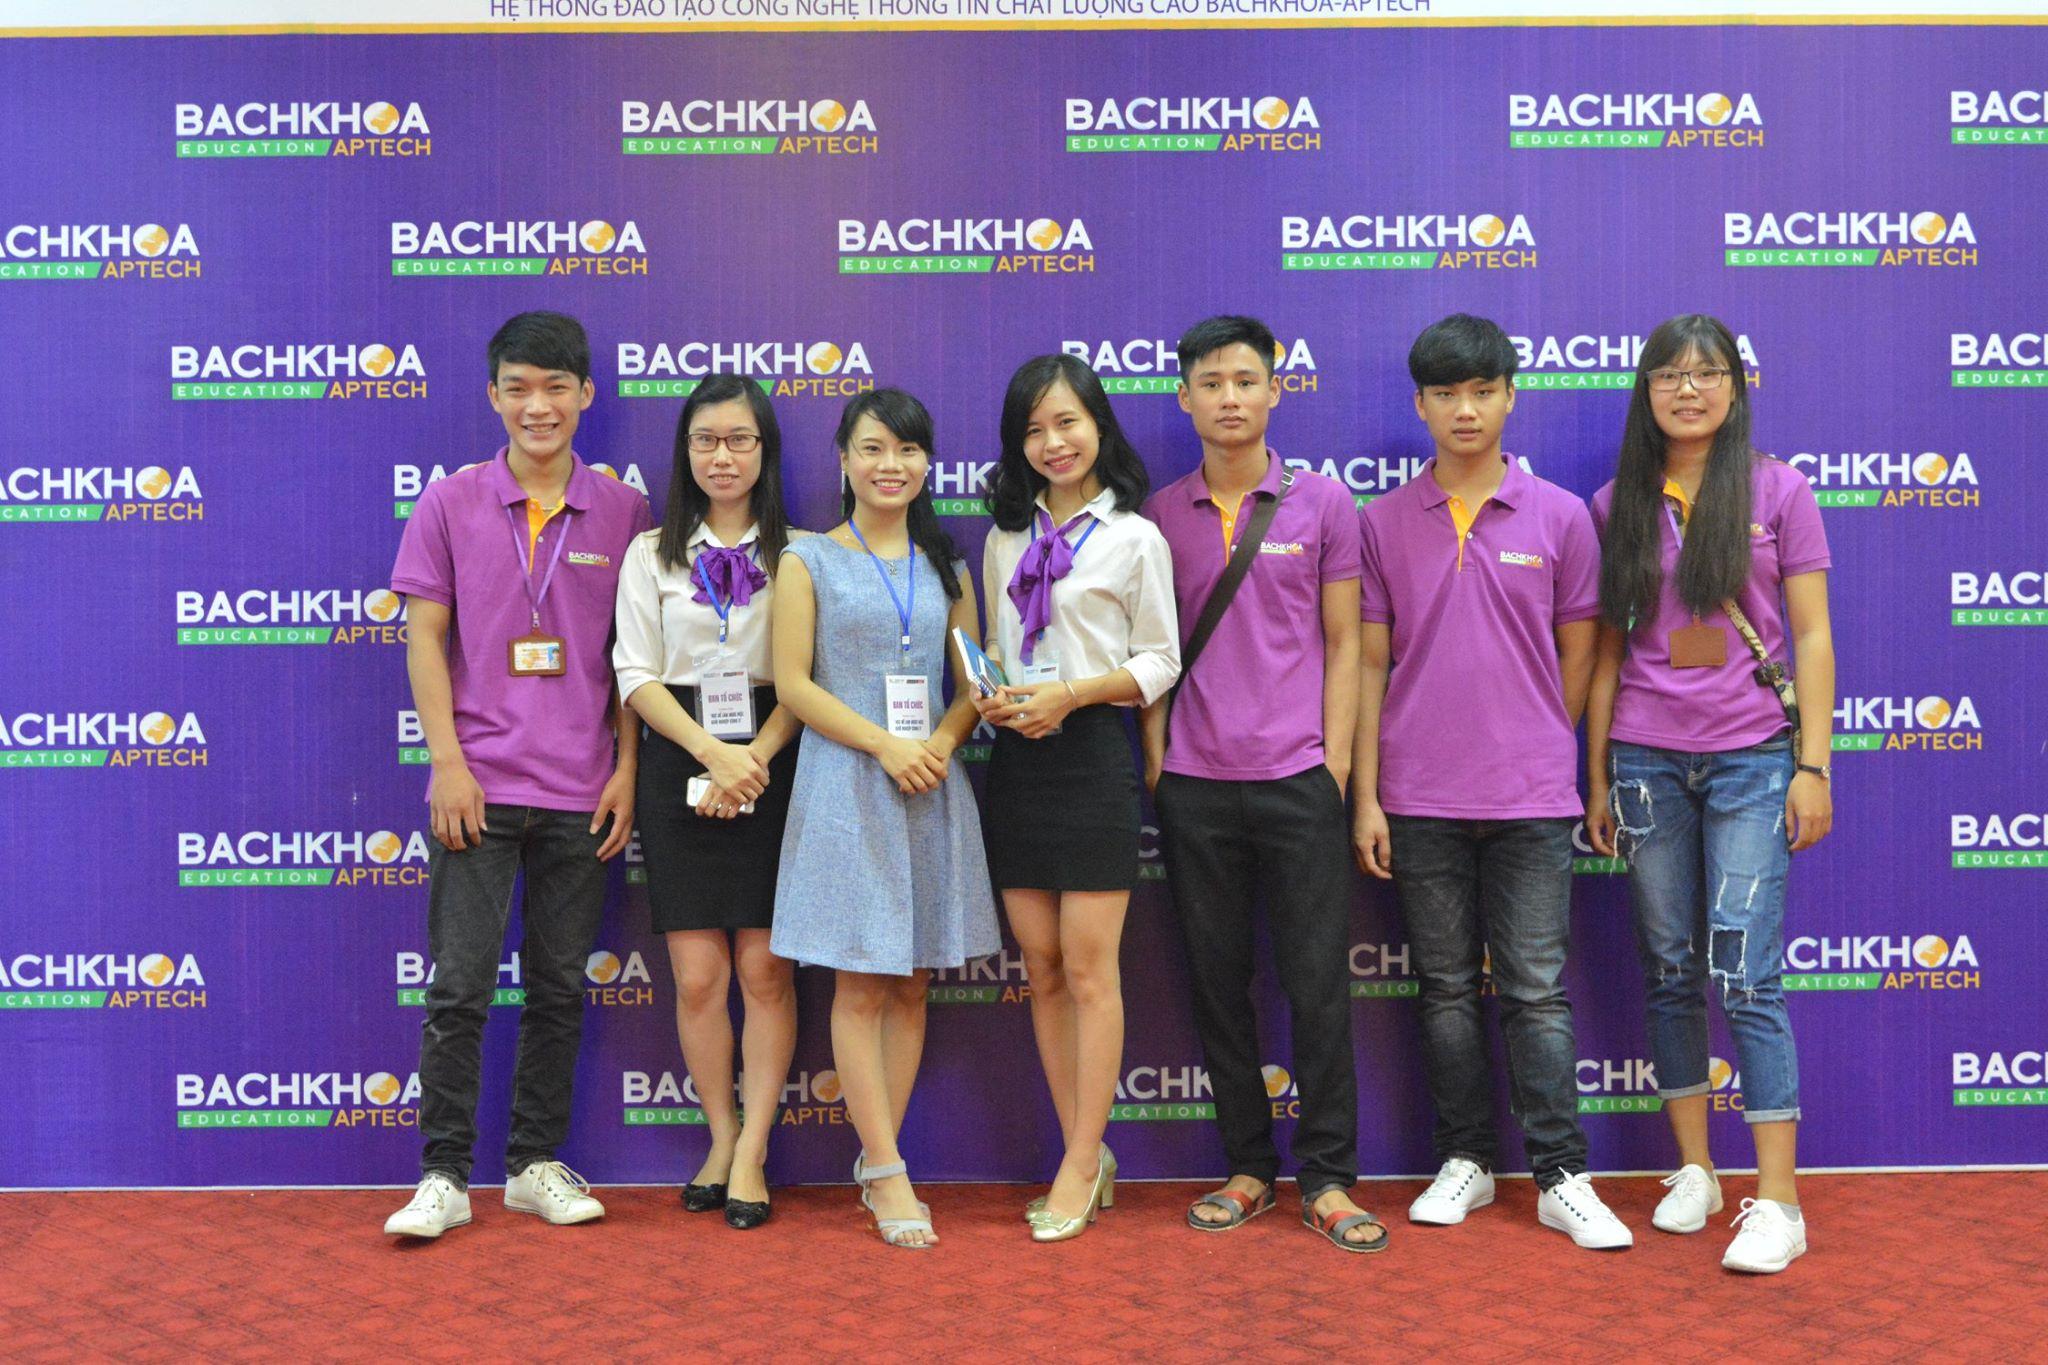 Bachkhoa-Aptech